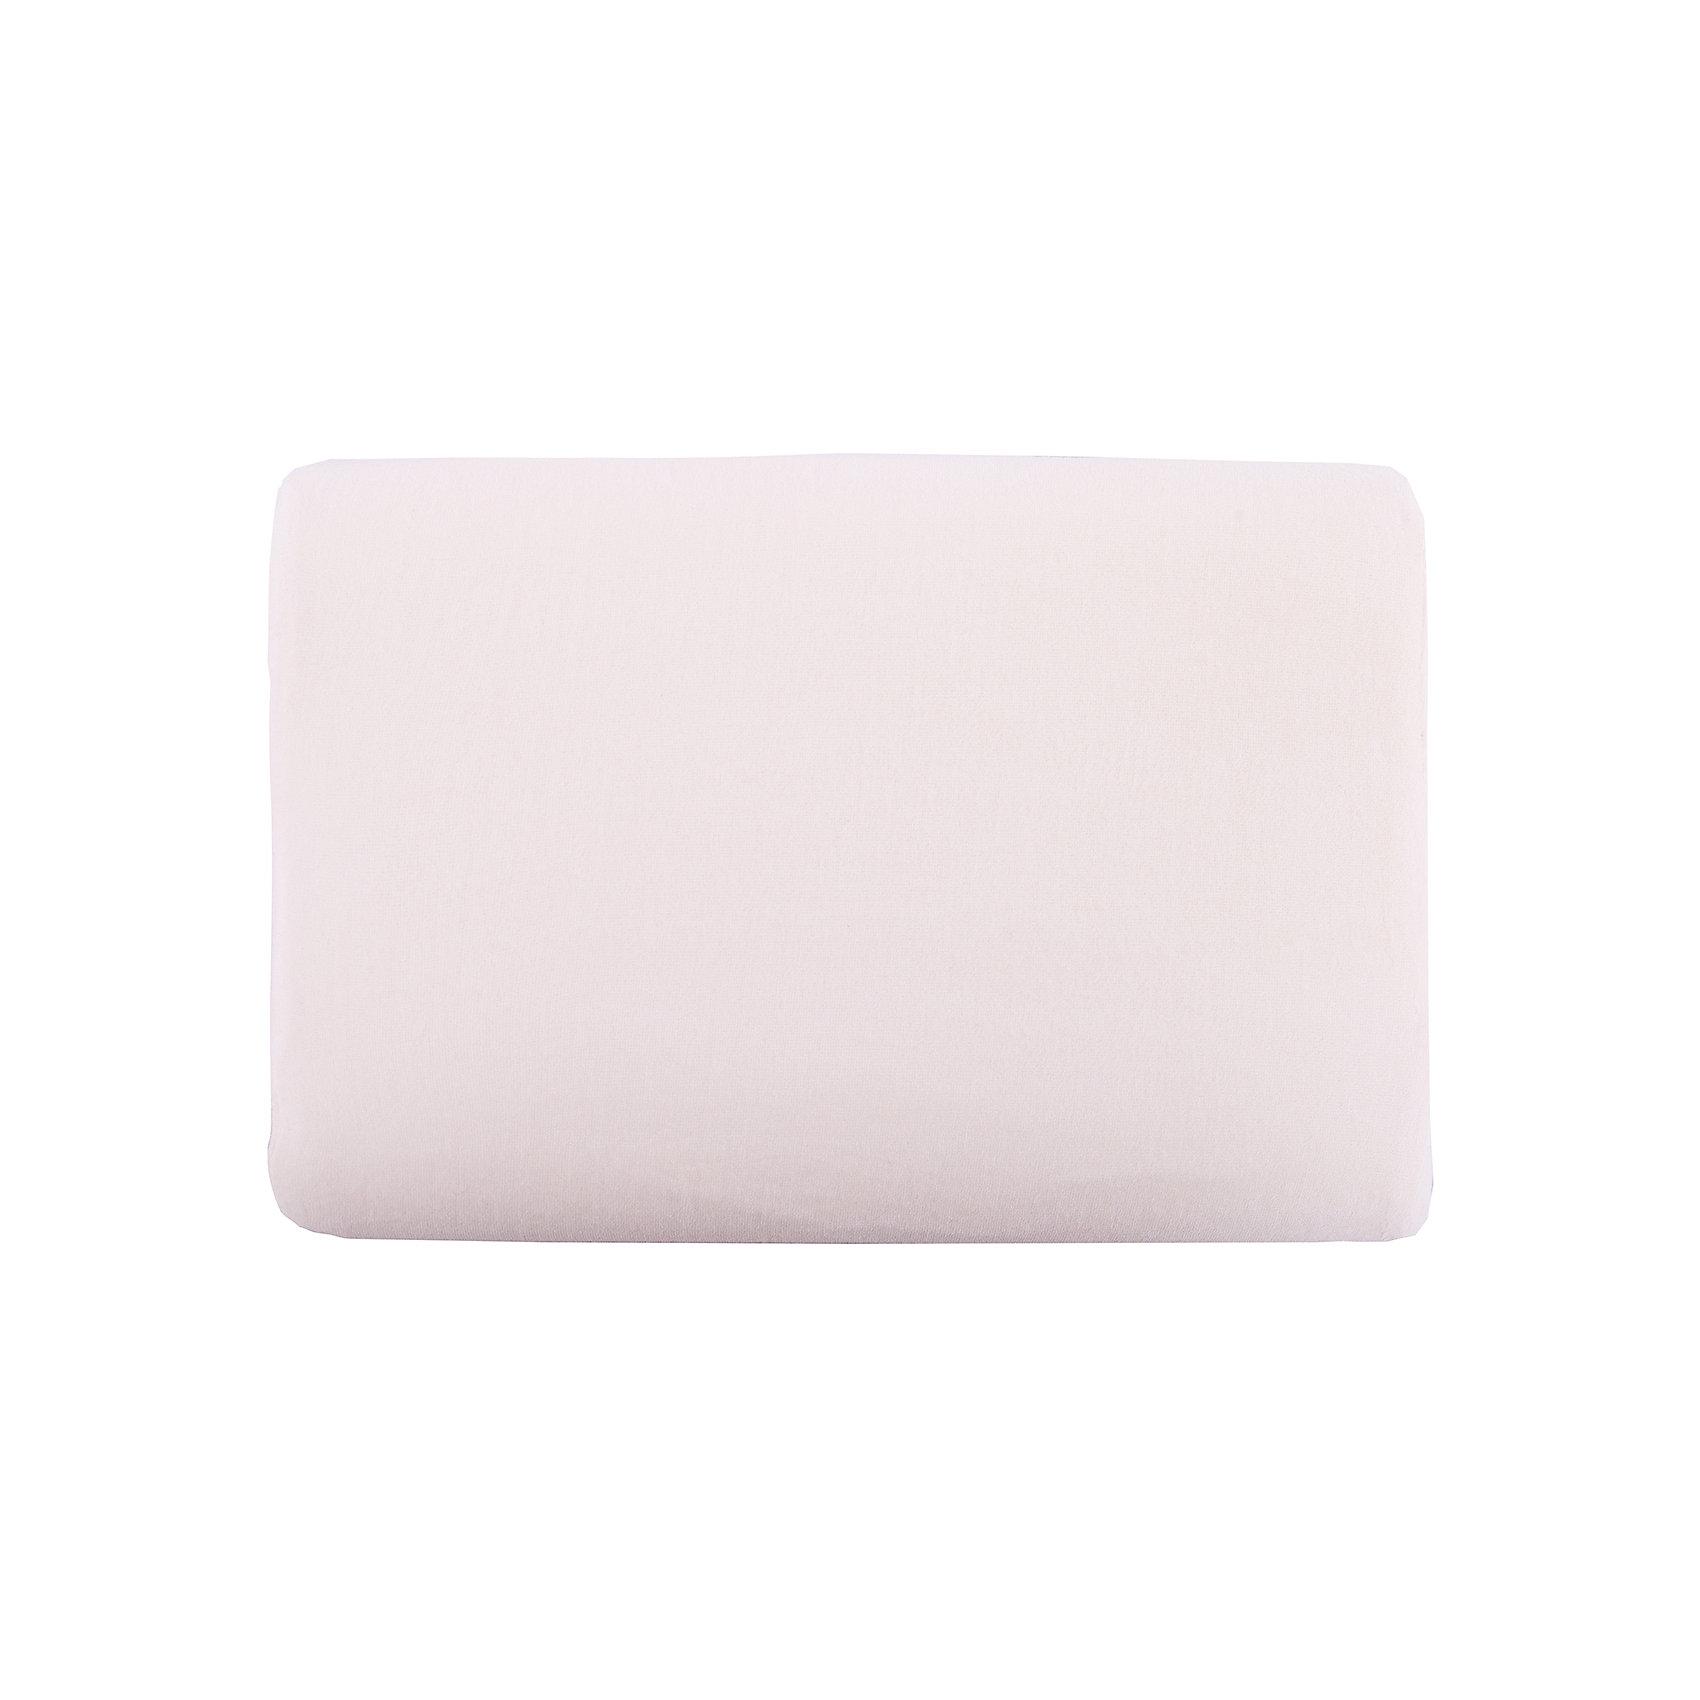 Подушка из латекса для сна, Baby NiceПодушки<br>Подушка из латекса для сна.<br><br>Дополнительная информация:<br><br>Материалы: верх 100% хлопок,<br>Наполнитель 100% латекс. <br>Размер: 35х25х5 см<br>Вес в упаковке: 250 г.<br>Размер упаковки: 200 х 200 х 40 мм.<br><br>Подушку из латекса для сна можно купить в нашем магазине.<br><br>Ширина мм: 200<br>Глубина мм: 200<br>Высота мм: 40<br>Вес г: 250<br>Возраст от месяцев: 0<br>Возраст до месяцев: 6<br>Пол: Унисекс<br>Возраст: Детский<br>SKU: 3788227